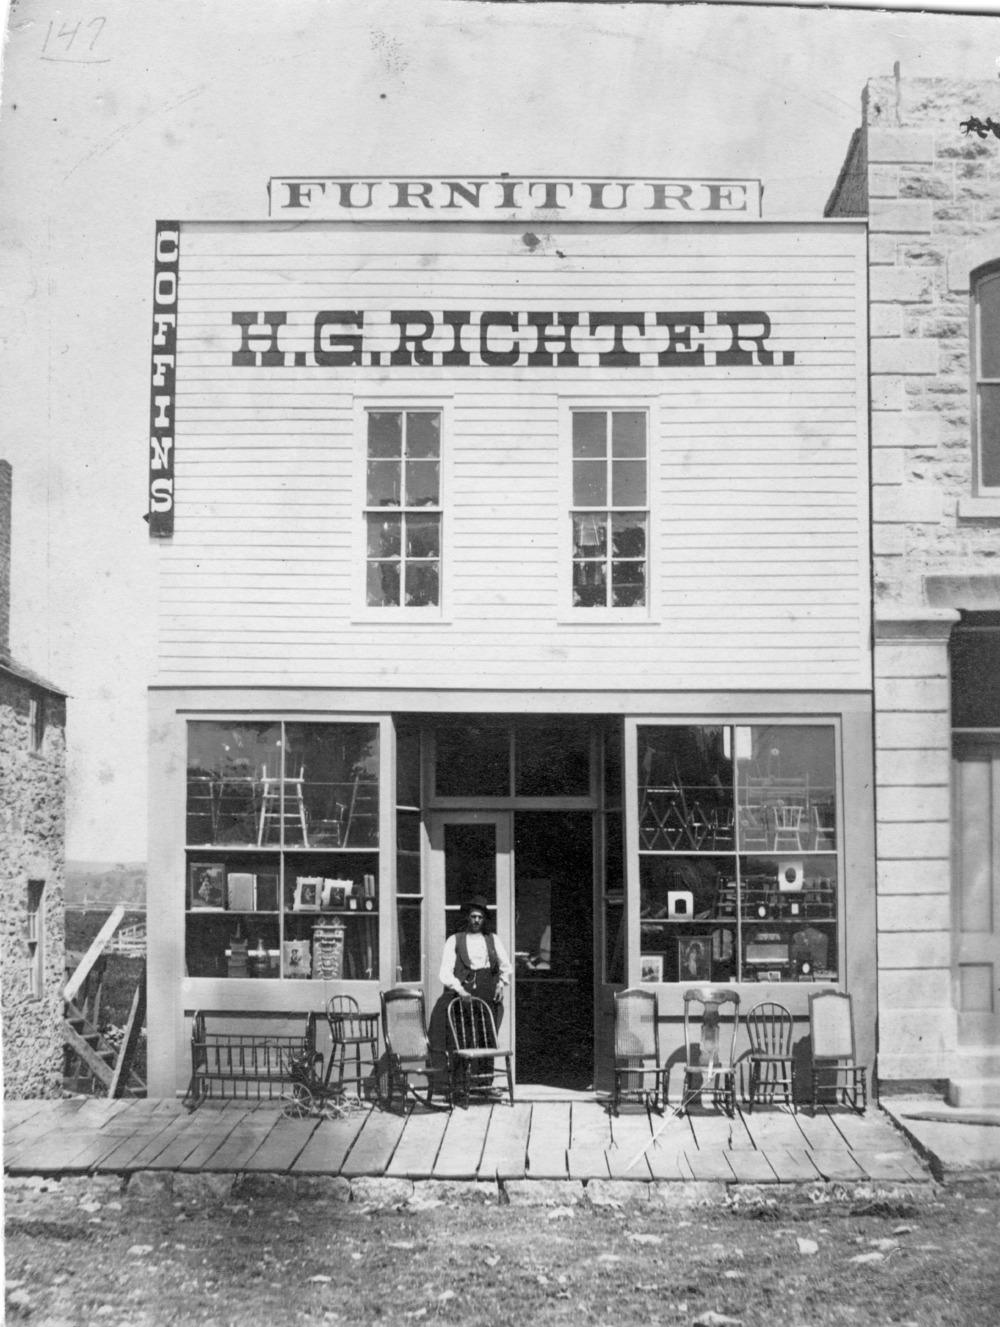 H. G. Richter Furniture Store, Alma, Kansas